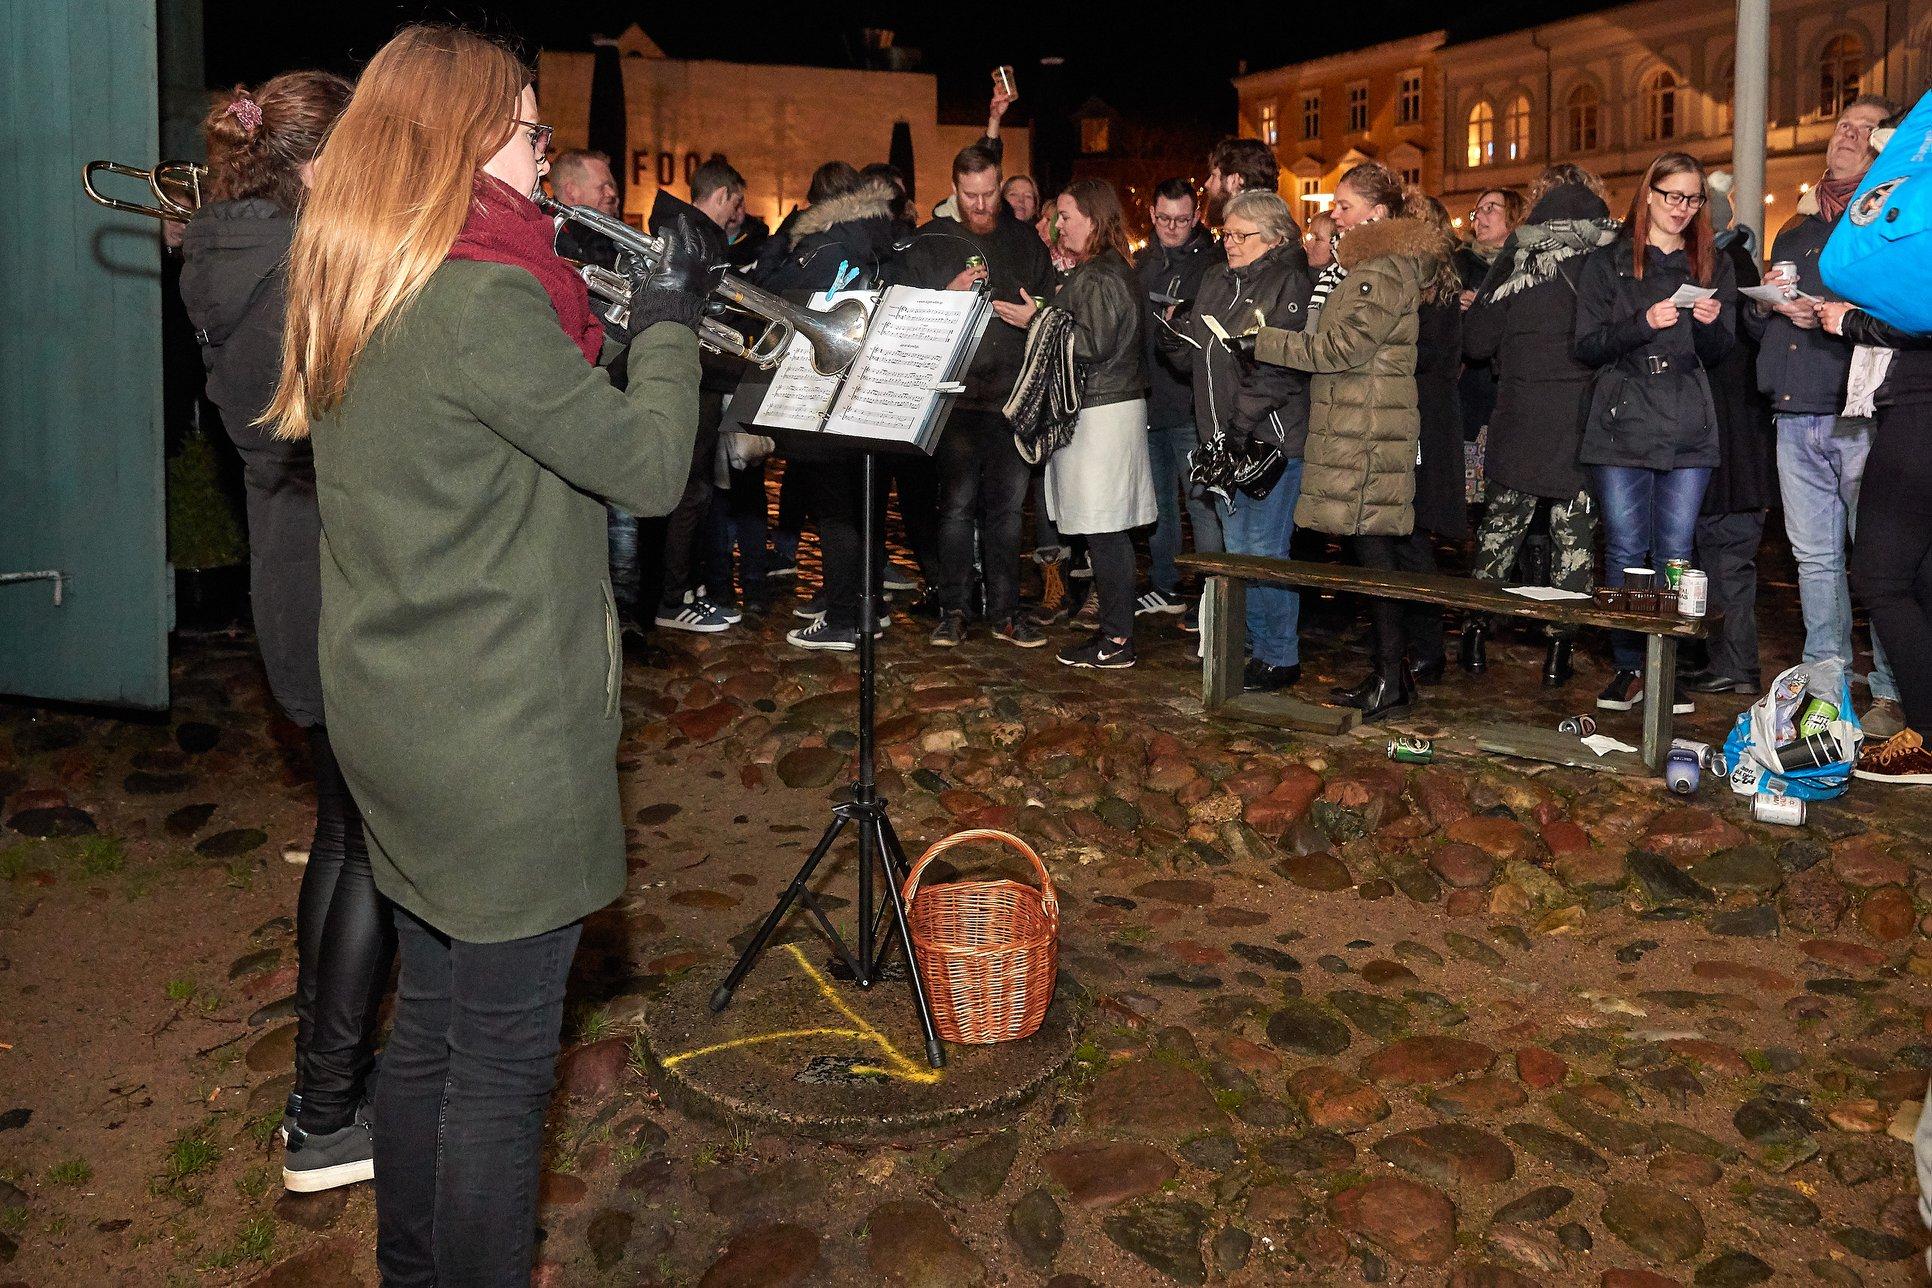 Kom med til sølvbryllup: Skrammelrockorkester fik hornmusik og masser af gæster